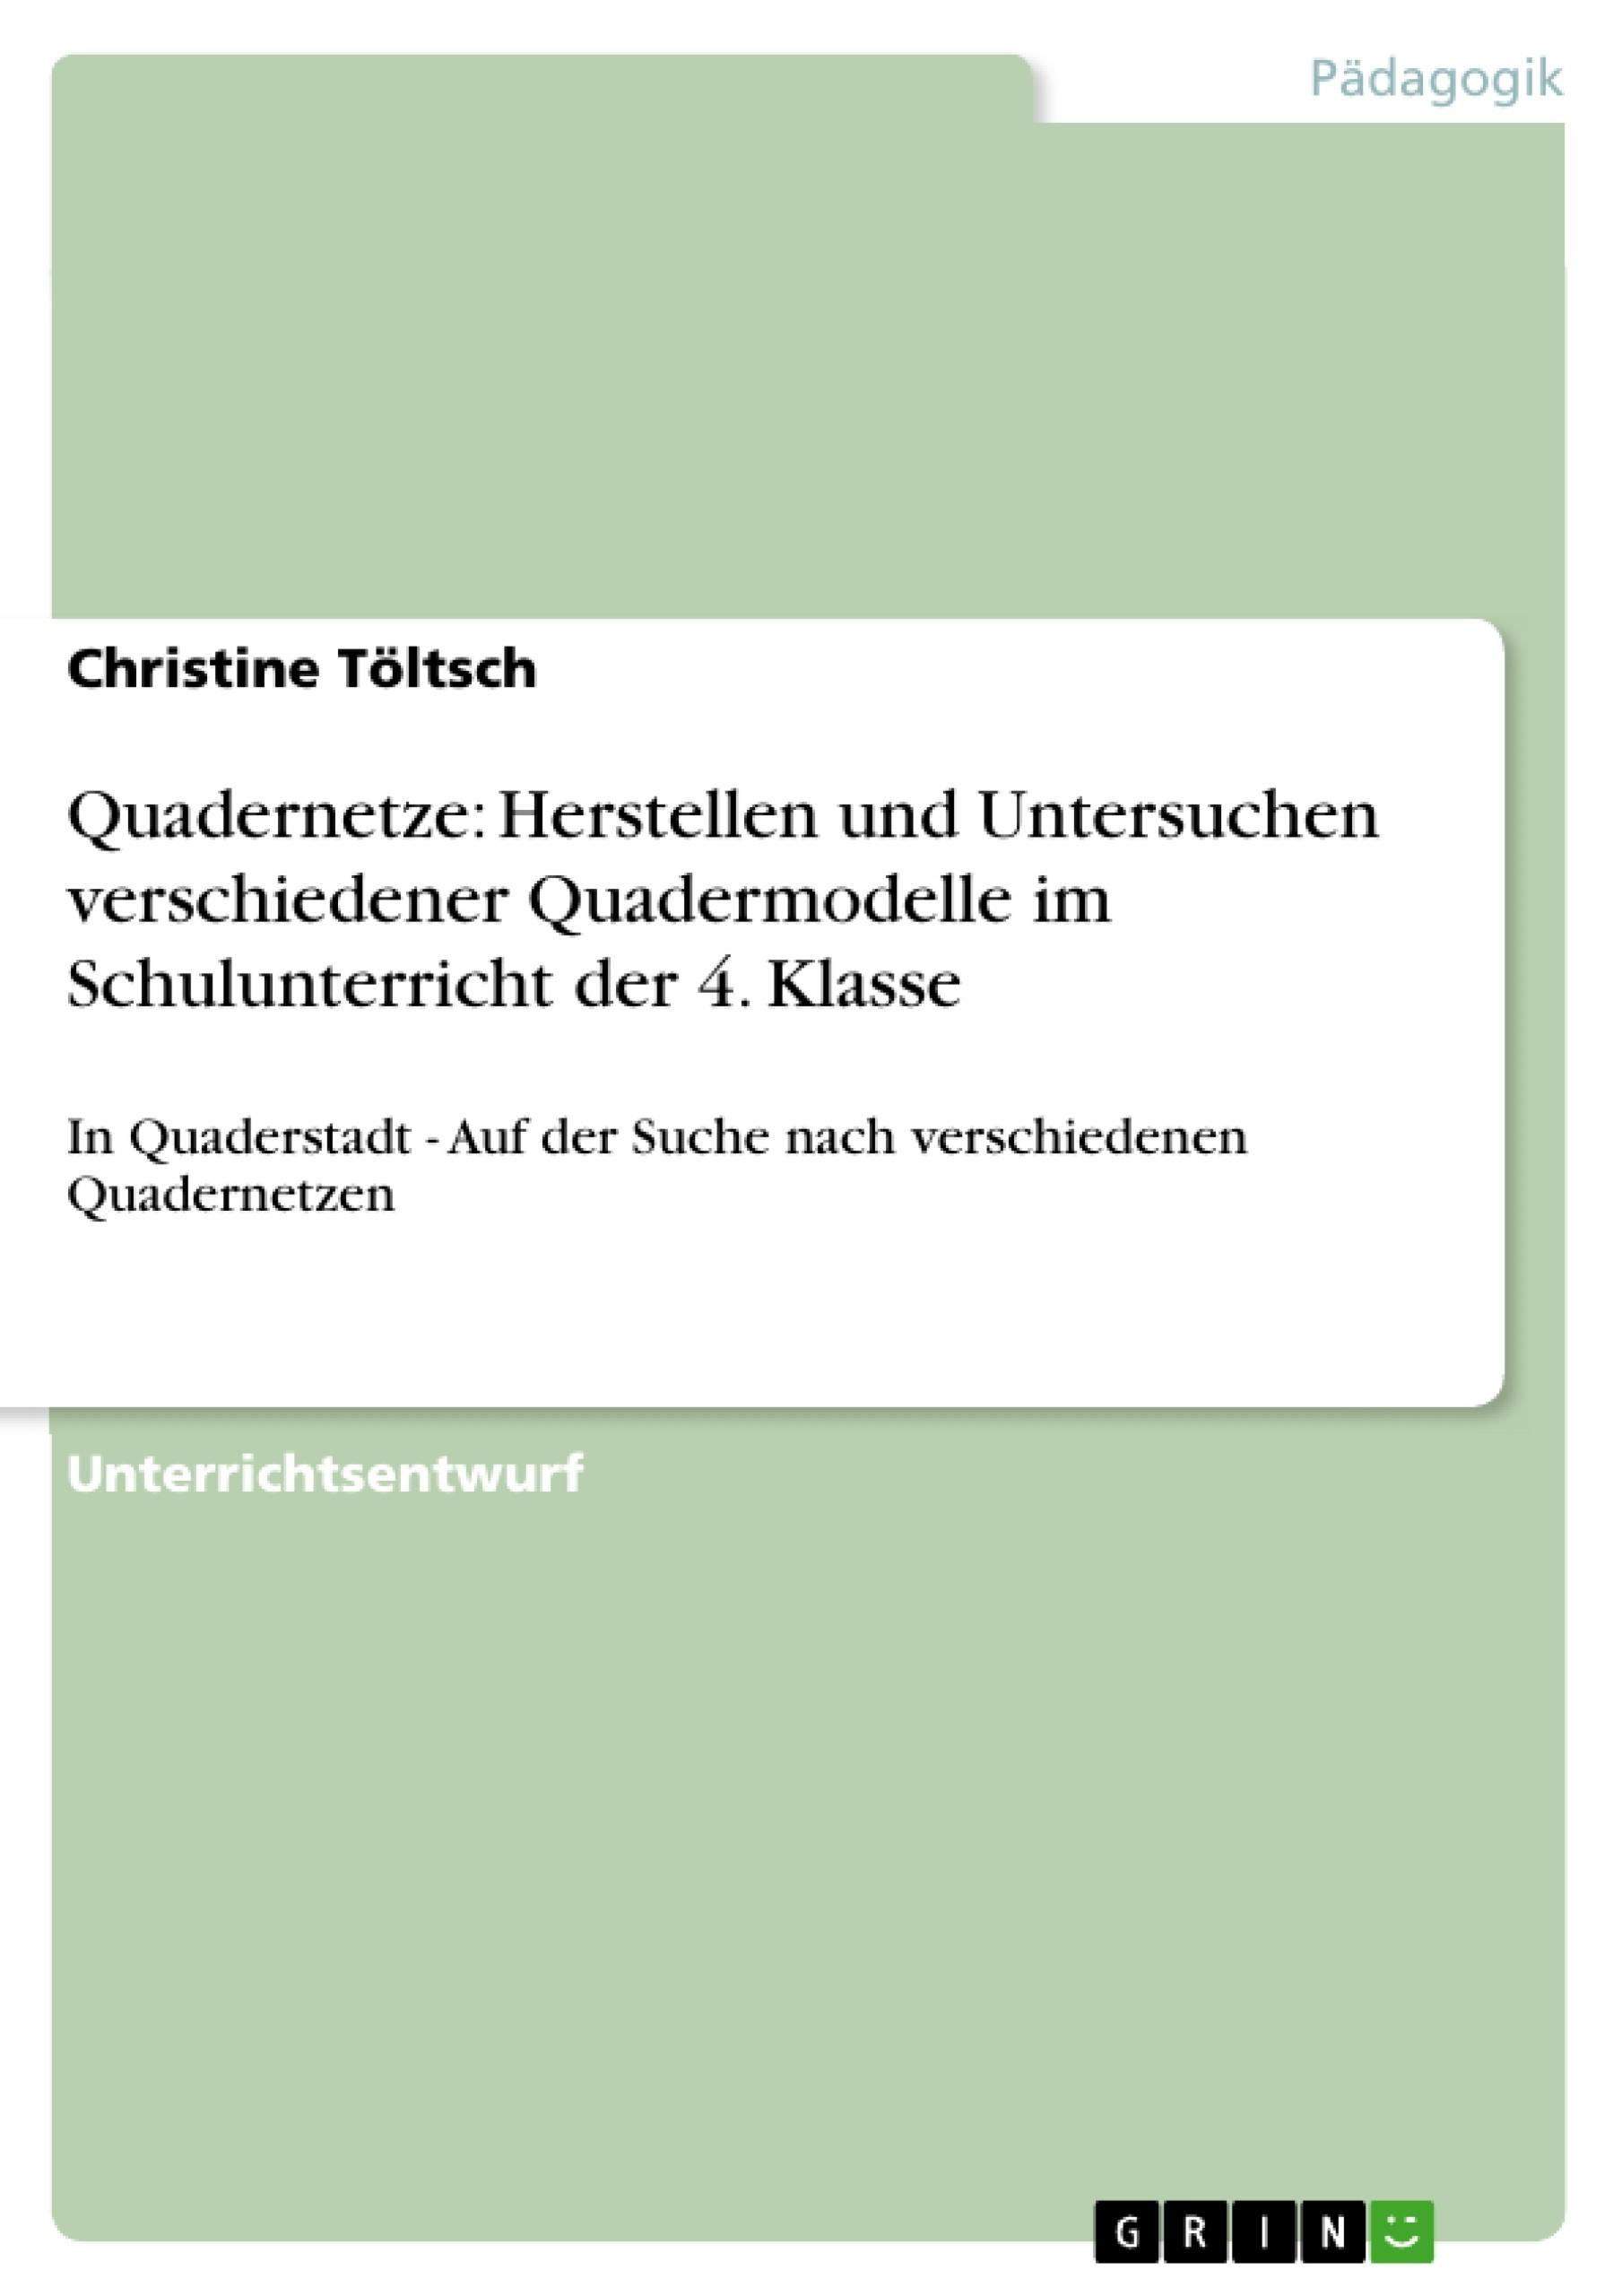 Titel: Quadernetze: Herstellen und Untersuchen verschiedener Quadermodelle im Schulunterricht der 4. Klasse